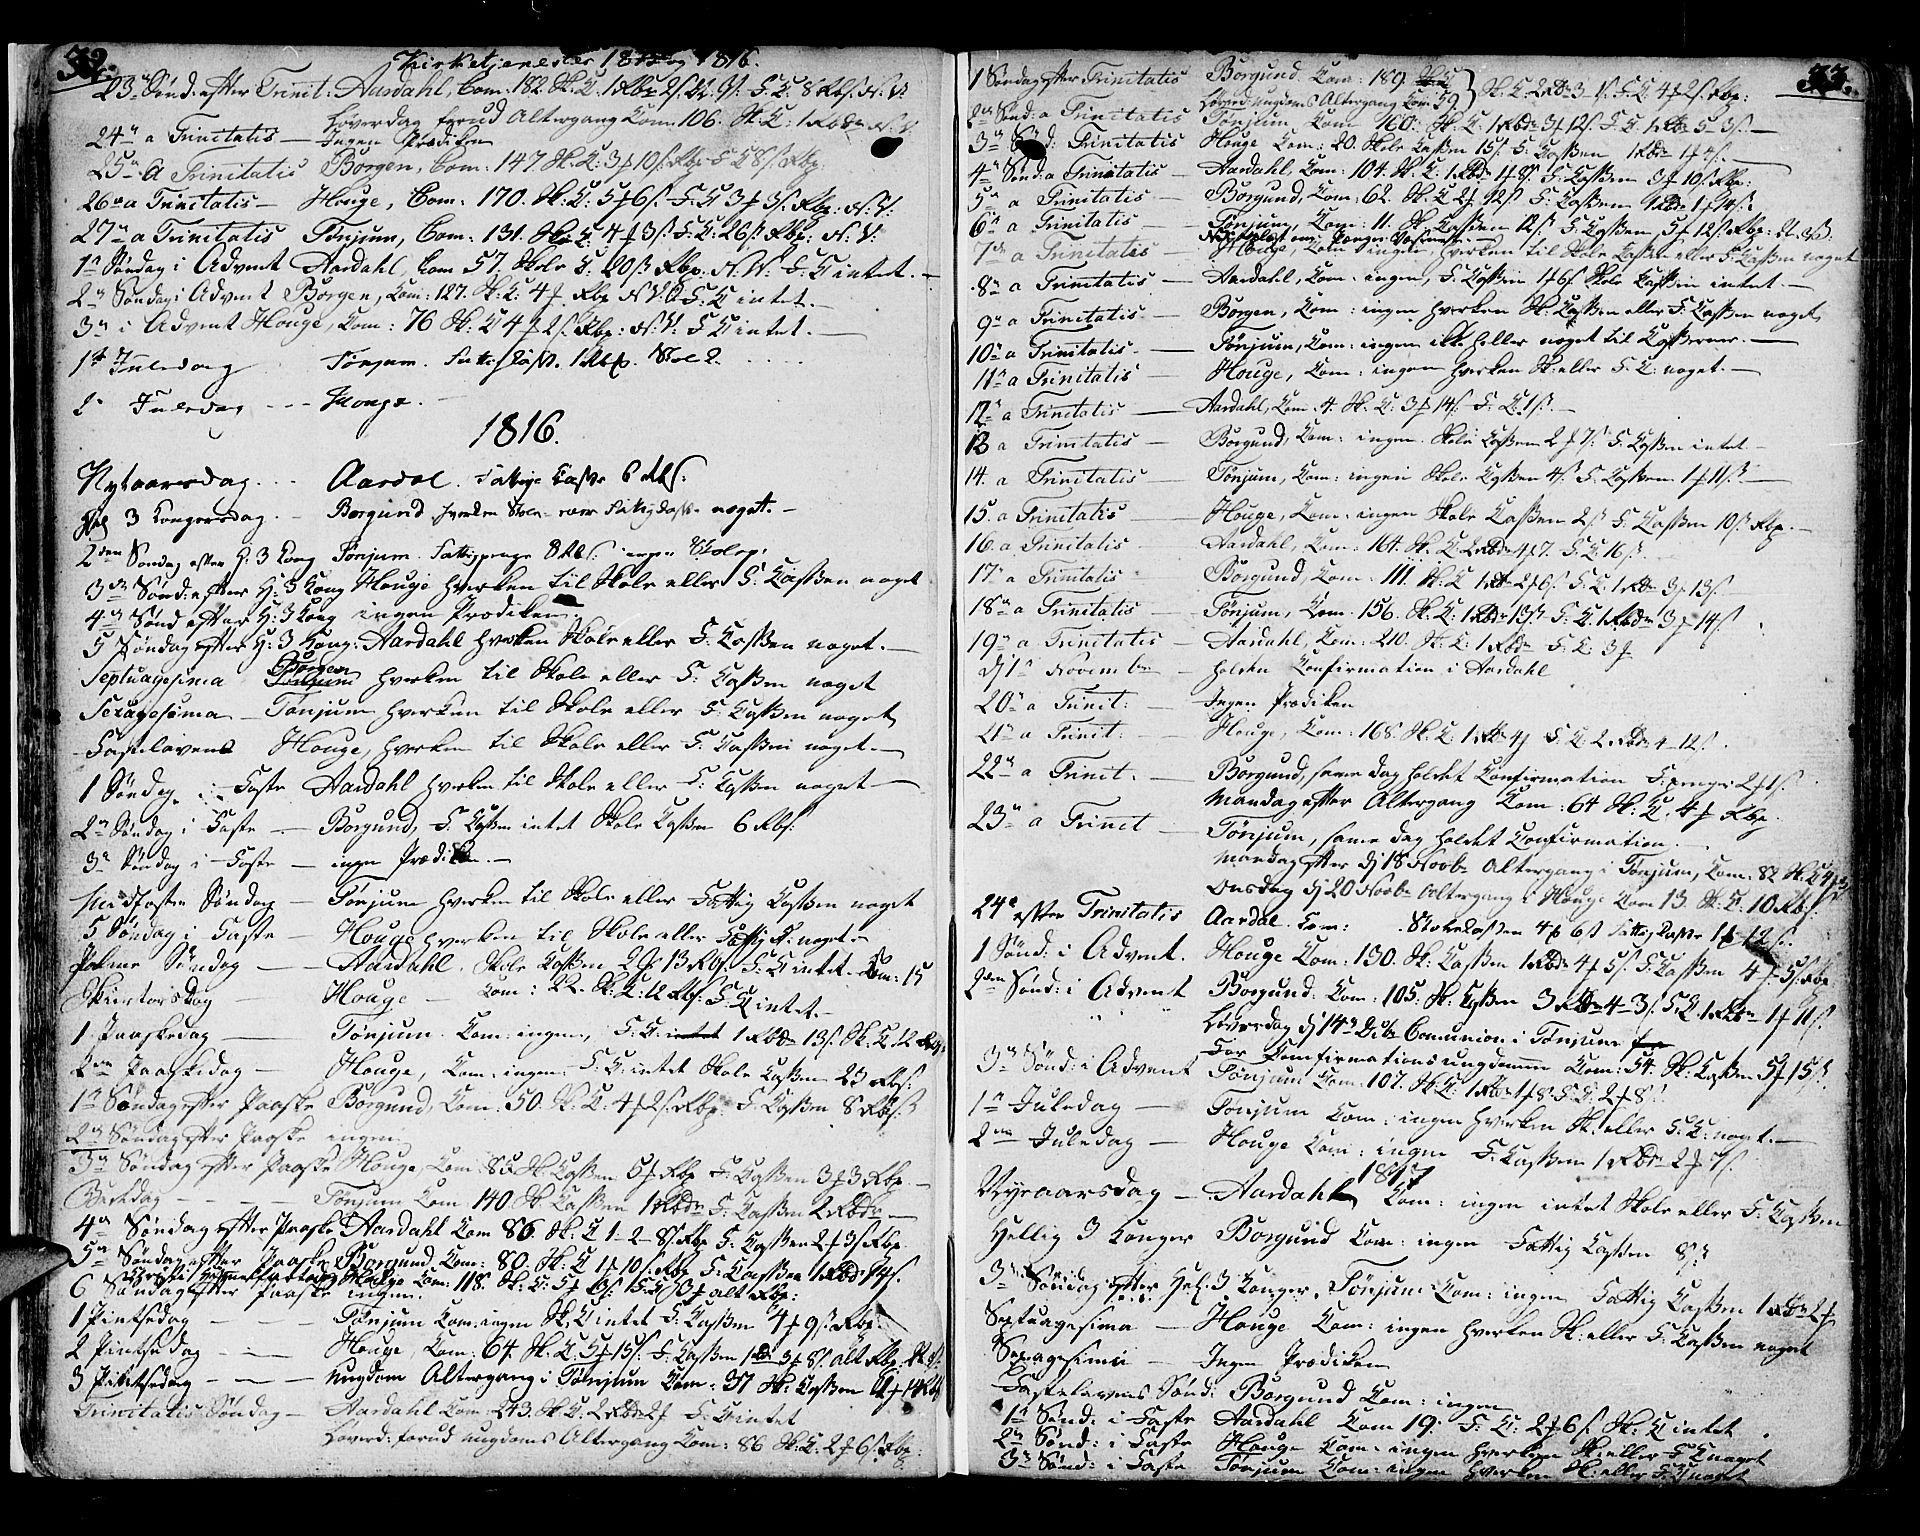 SAB, Lærdal sokneprestembete, Ministerialbok nr. A 4, 1805-1821, s. 32-33